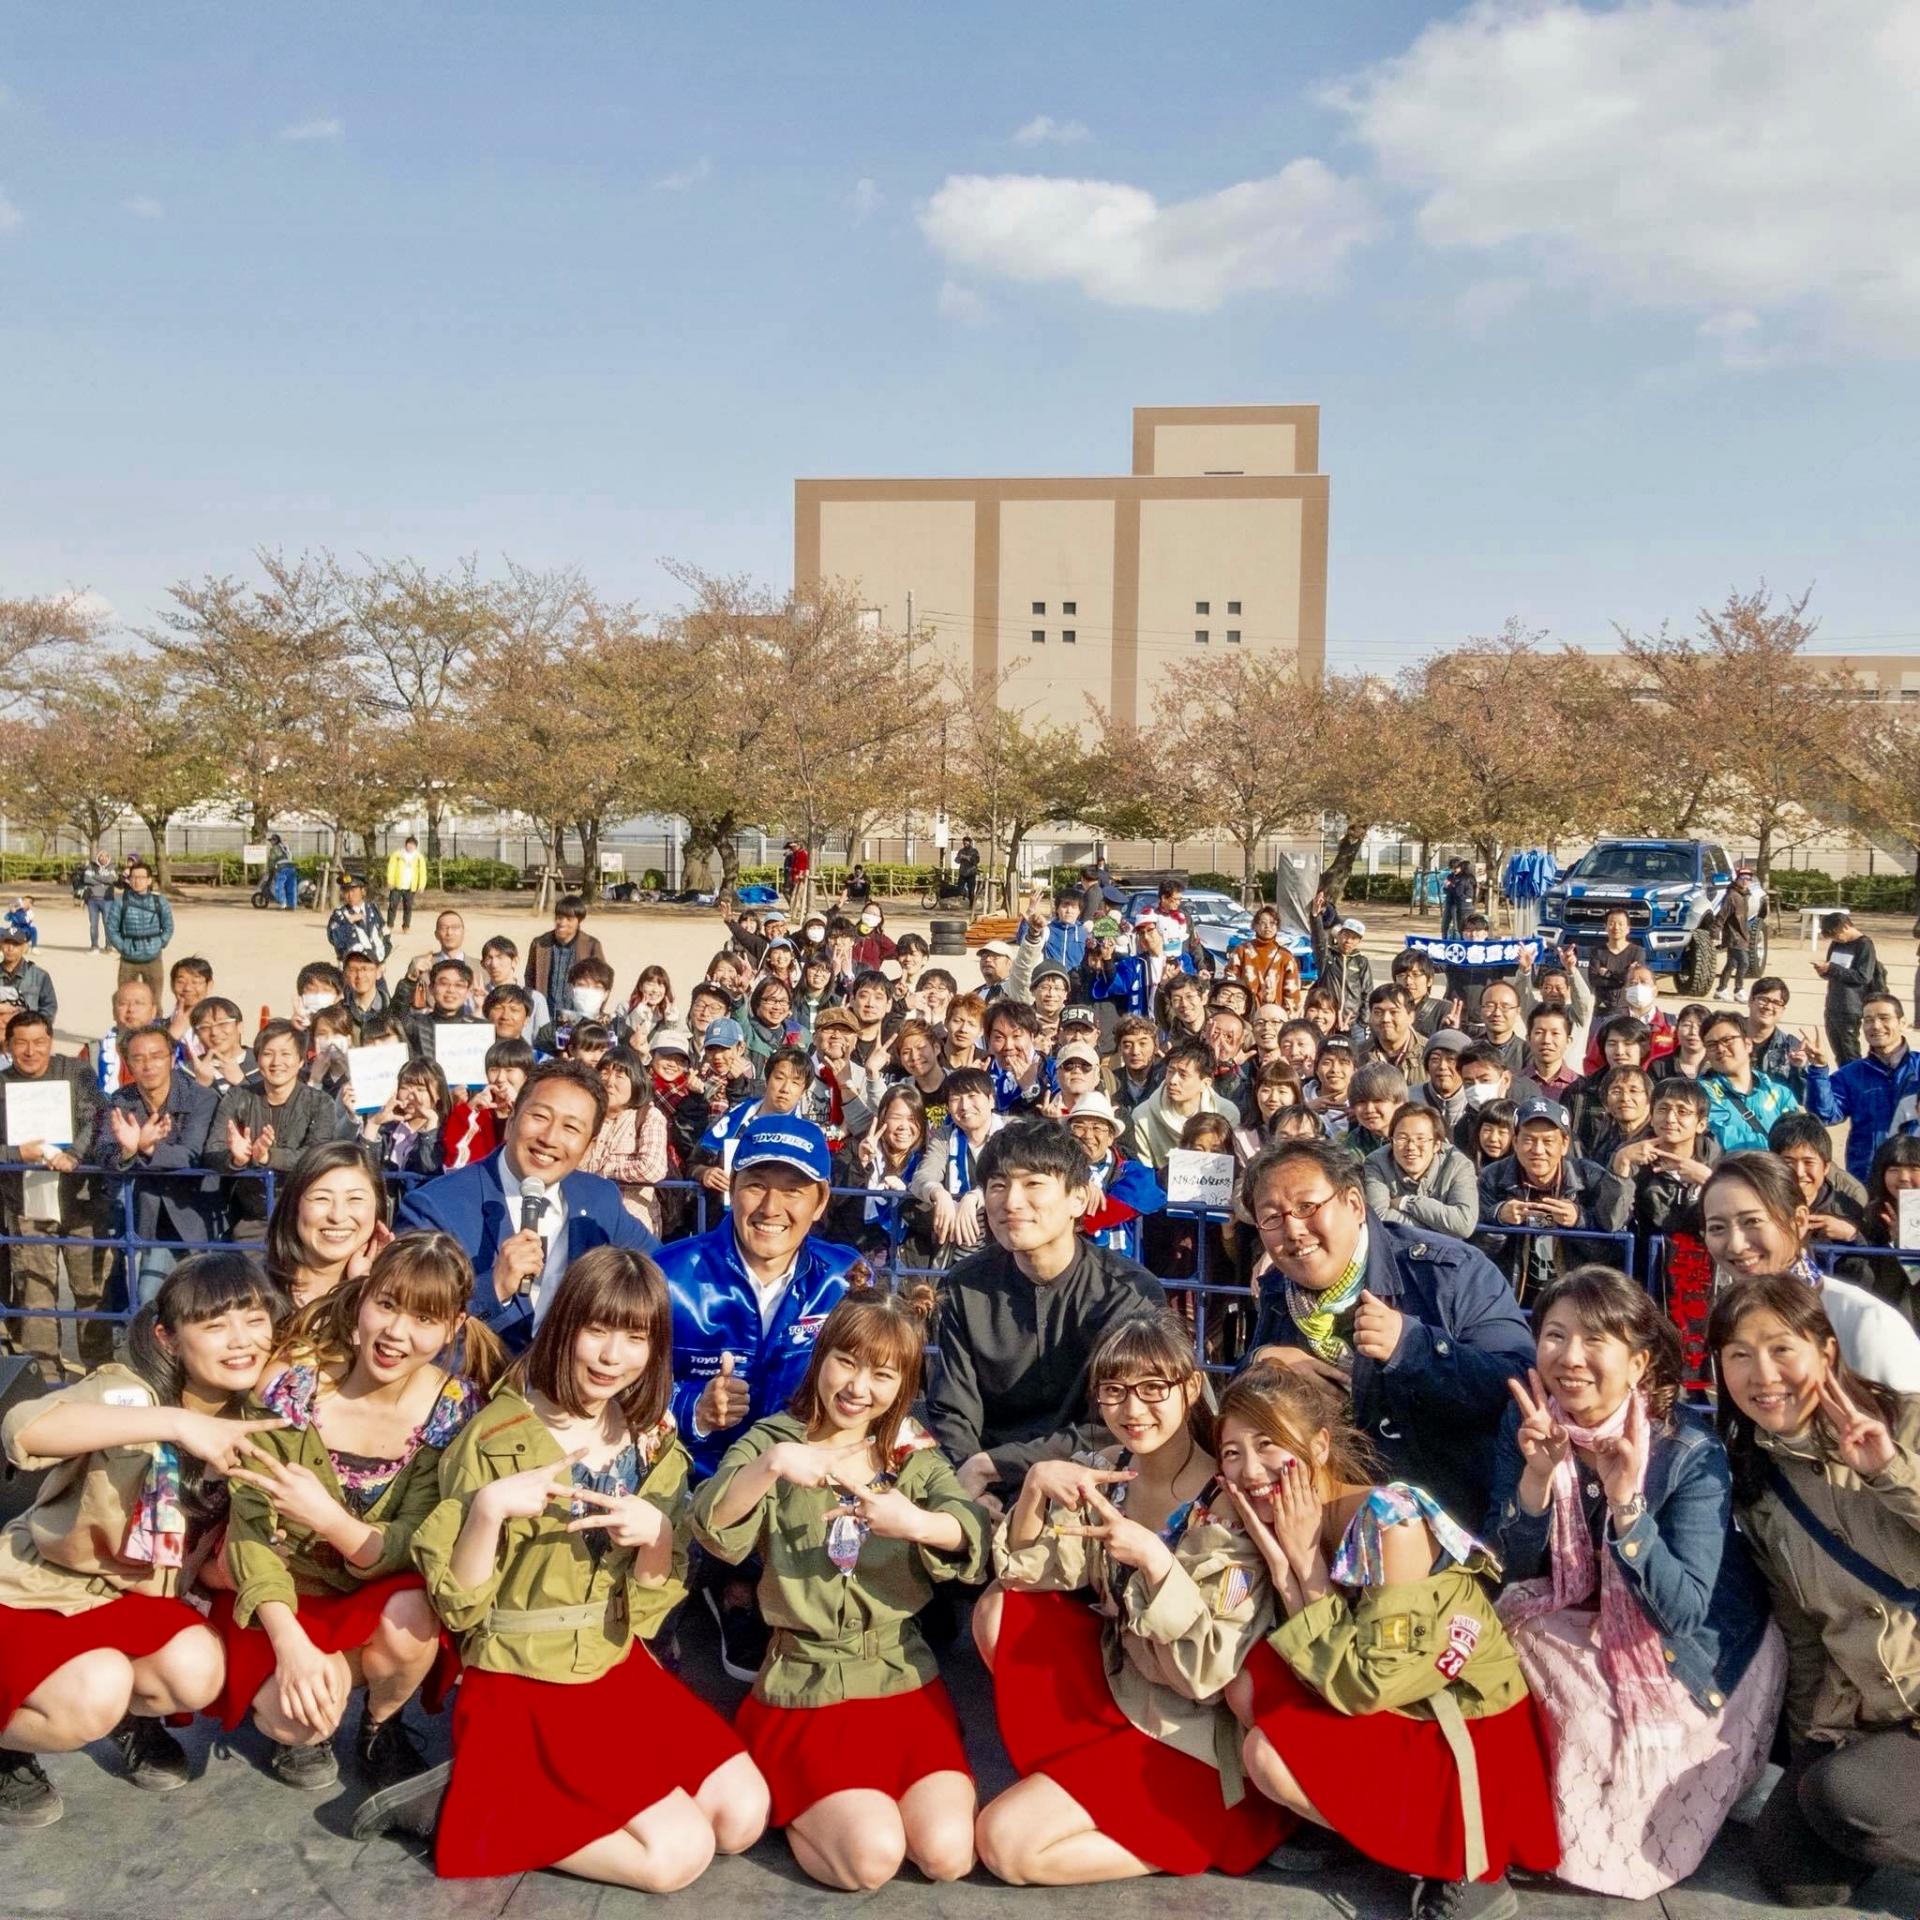 第1回MUSIC RADIO CARNIVAL〜伊丹音楽の祭典〜は無事に終了しました。ありがとうございました。